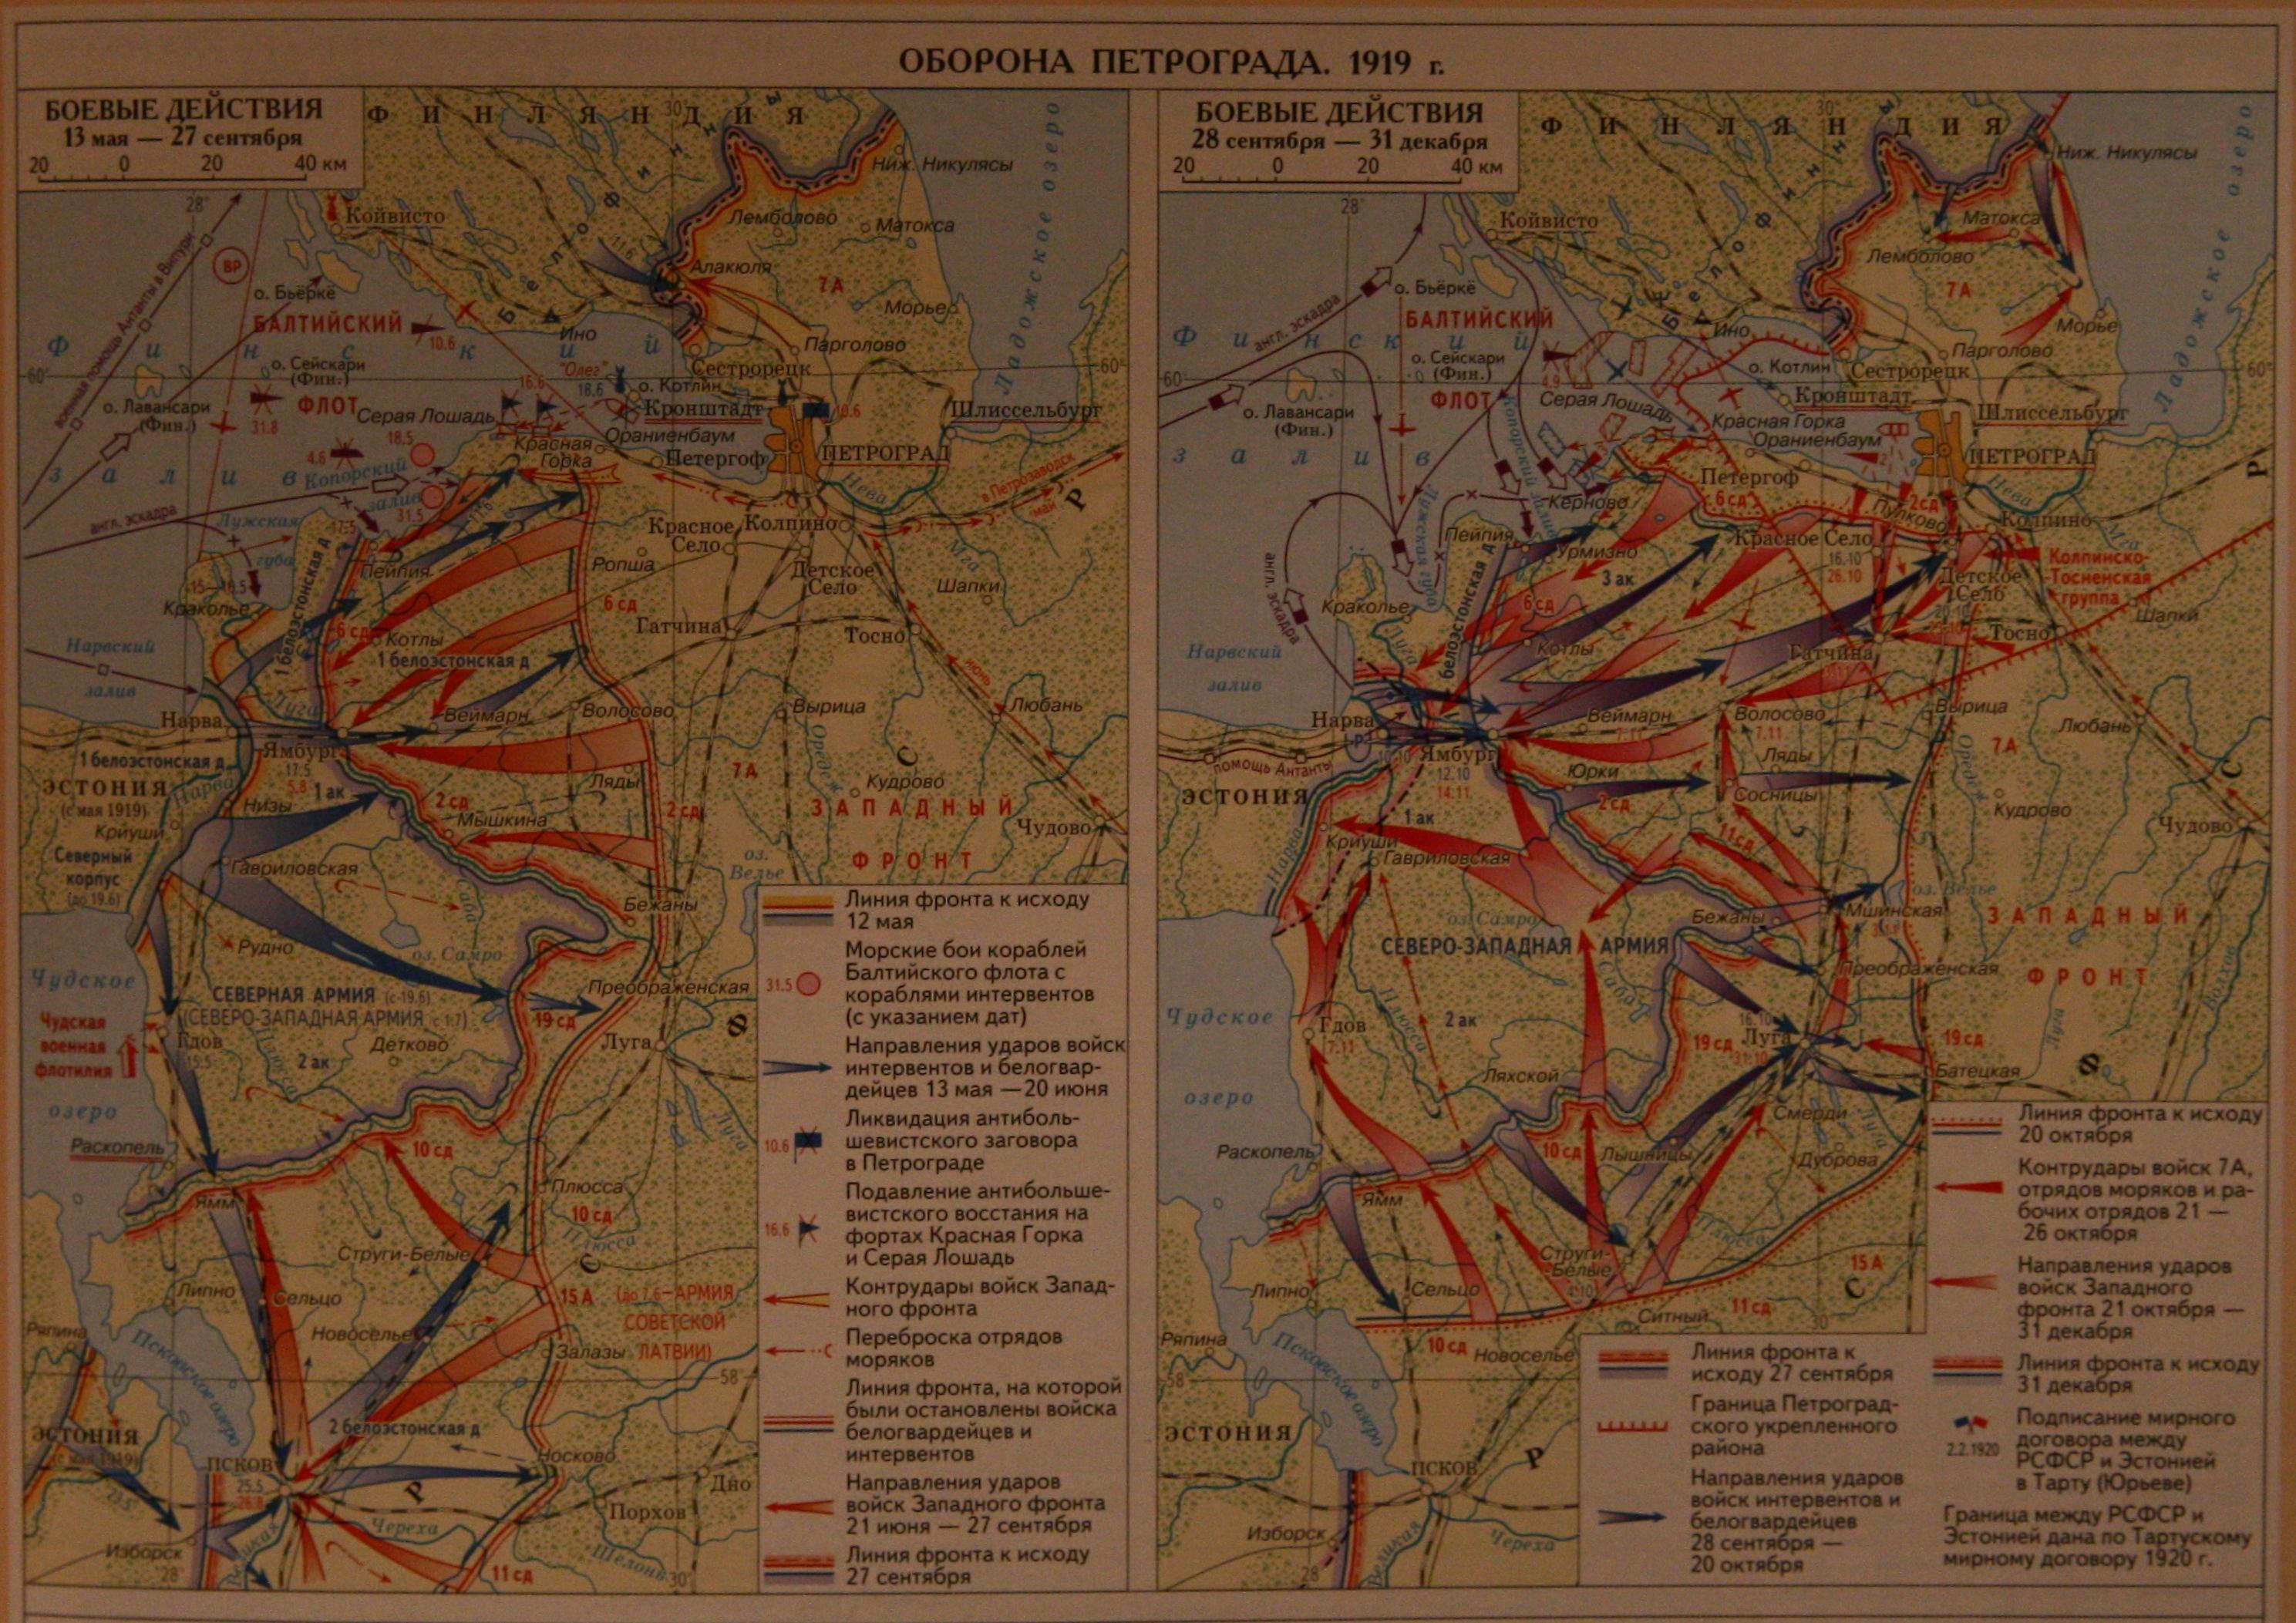 Действия на юге май 1919 г январь 1920 г